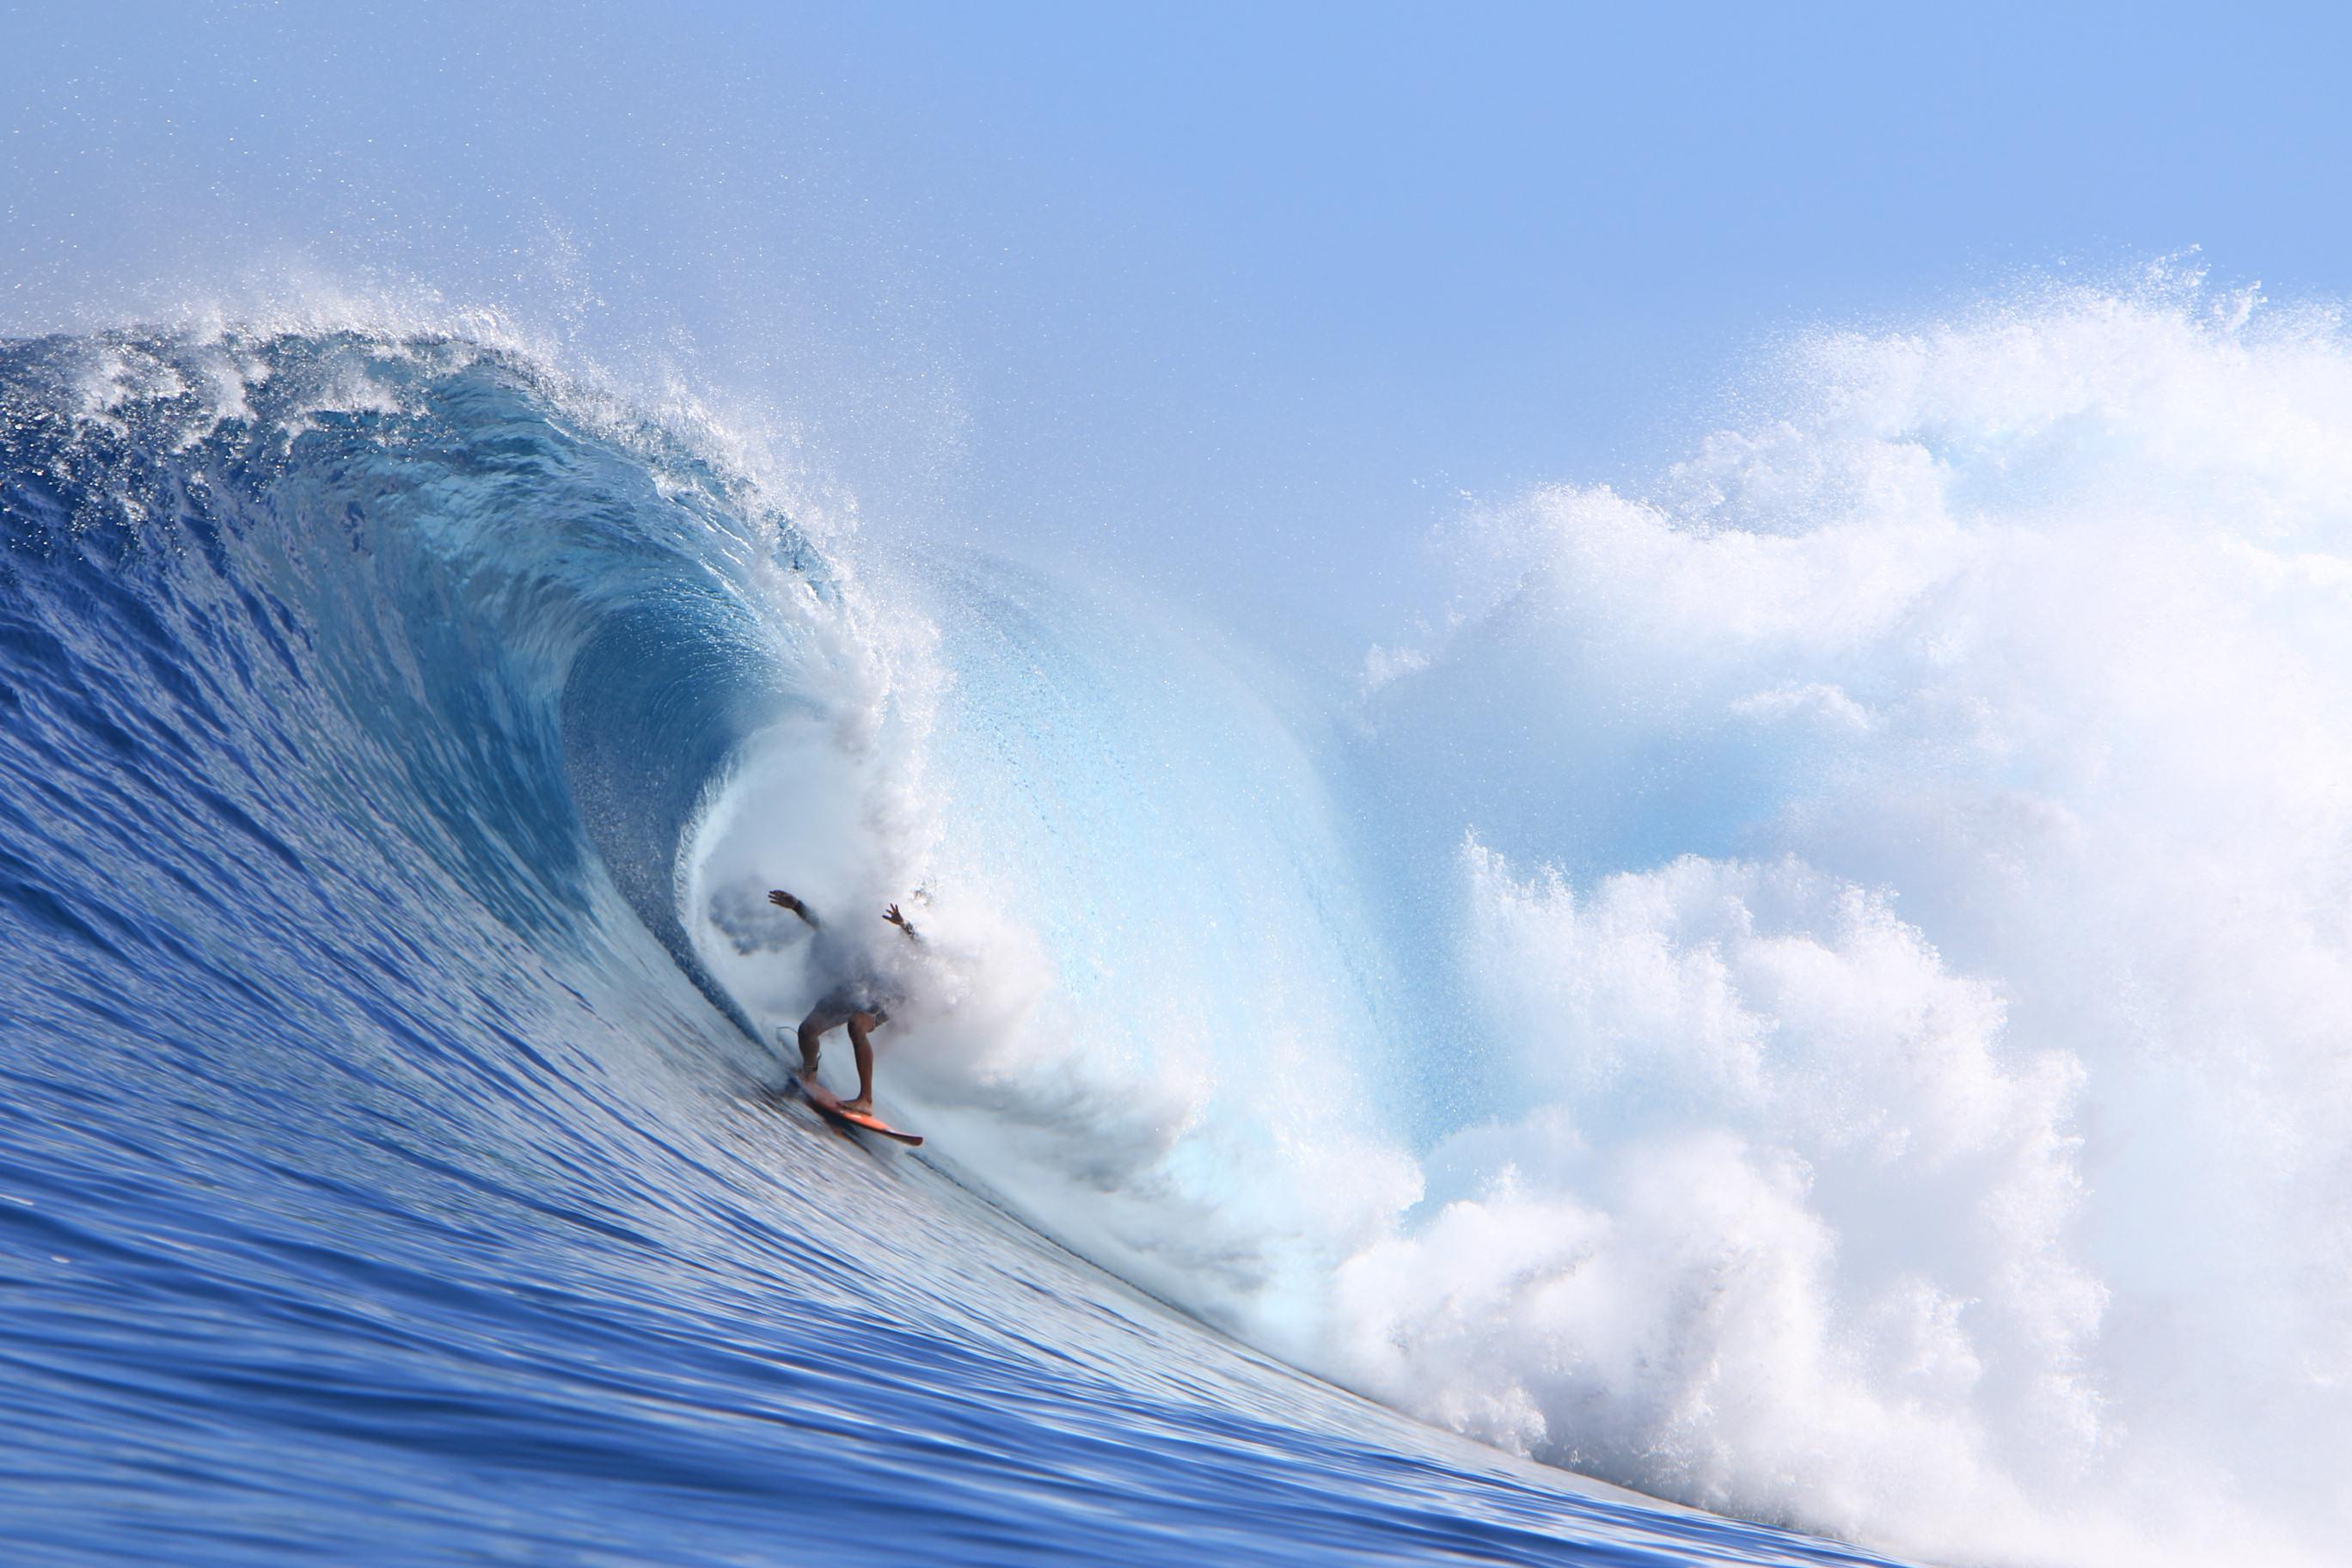 The wave commands Alex Gray's respect. Photo by Bo Bridges